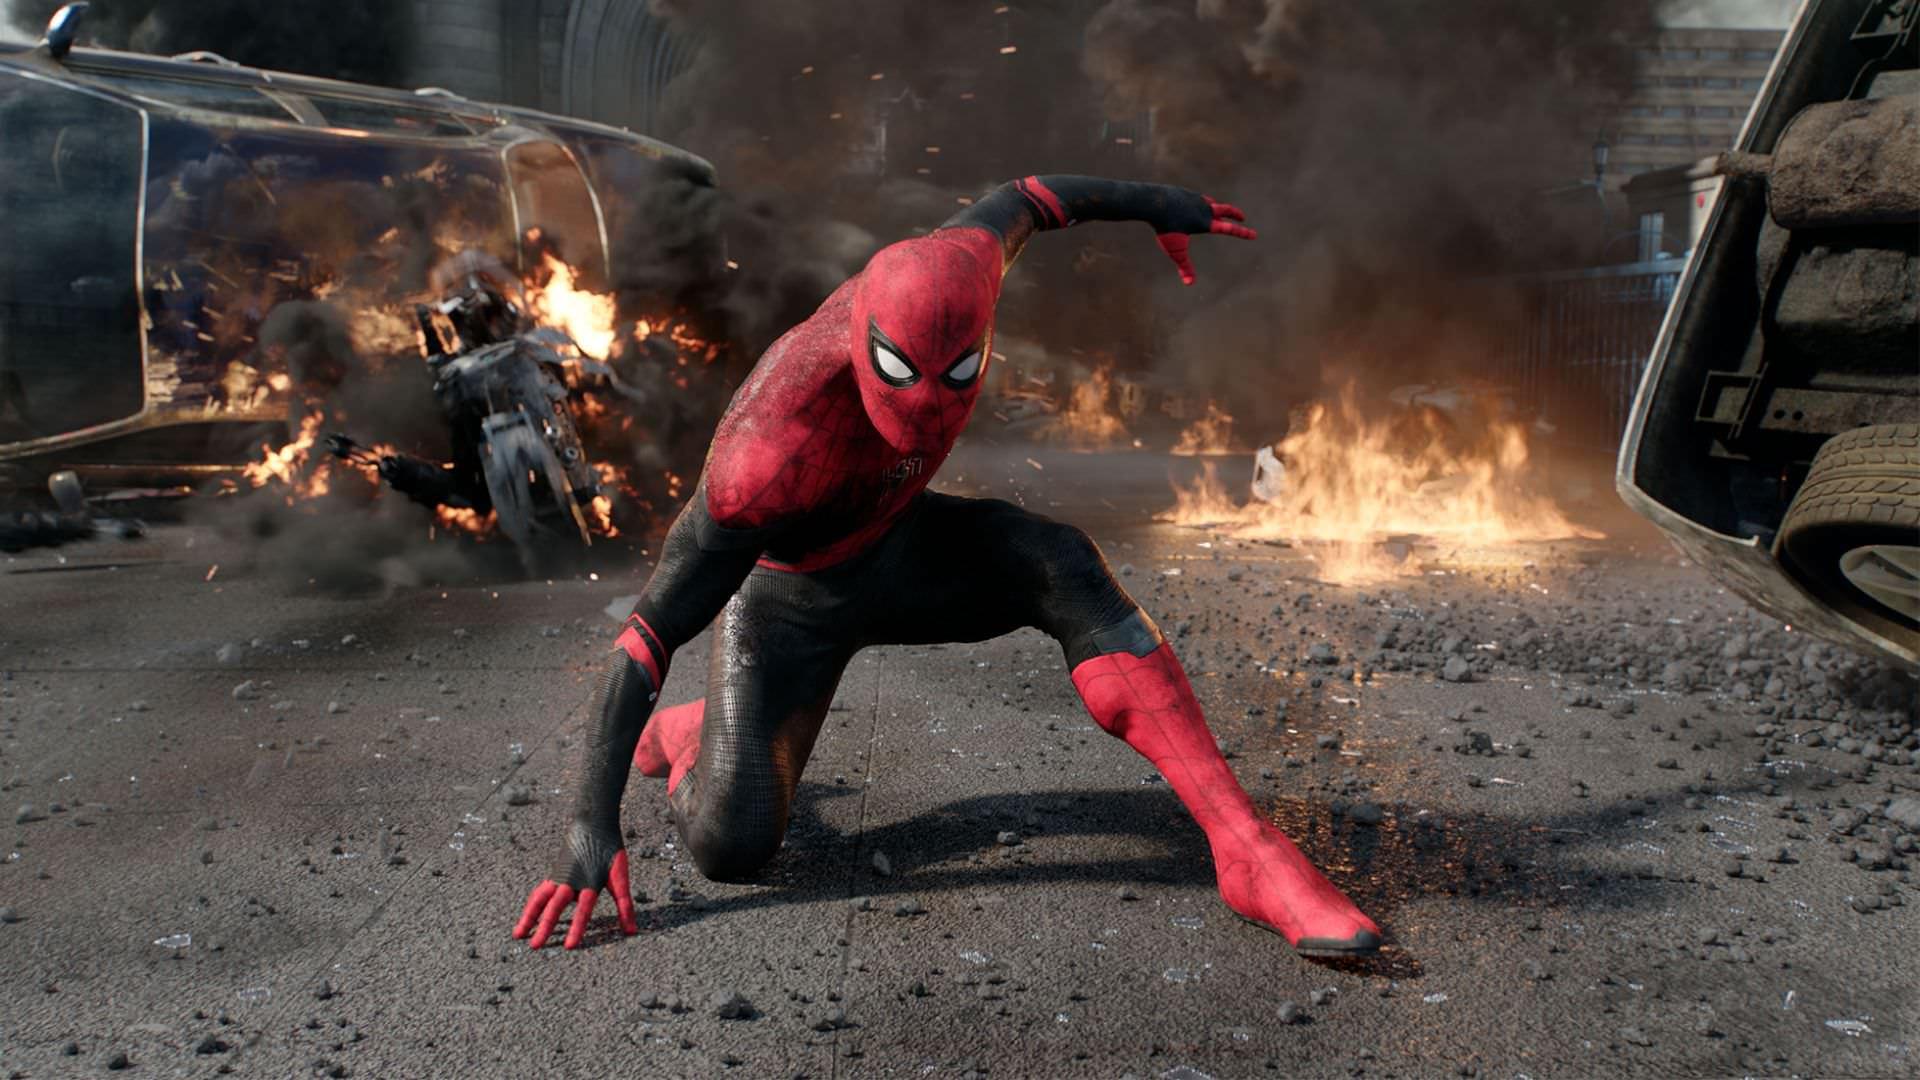 آهنگساز Far From Home بازگشتش برای ساخت موسیقی متن فیلم Spider-Man را تایید کرد 1